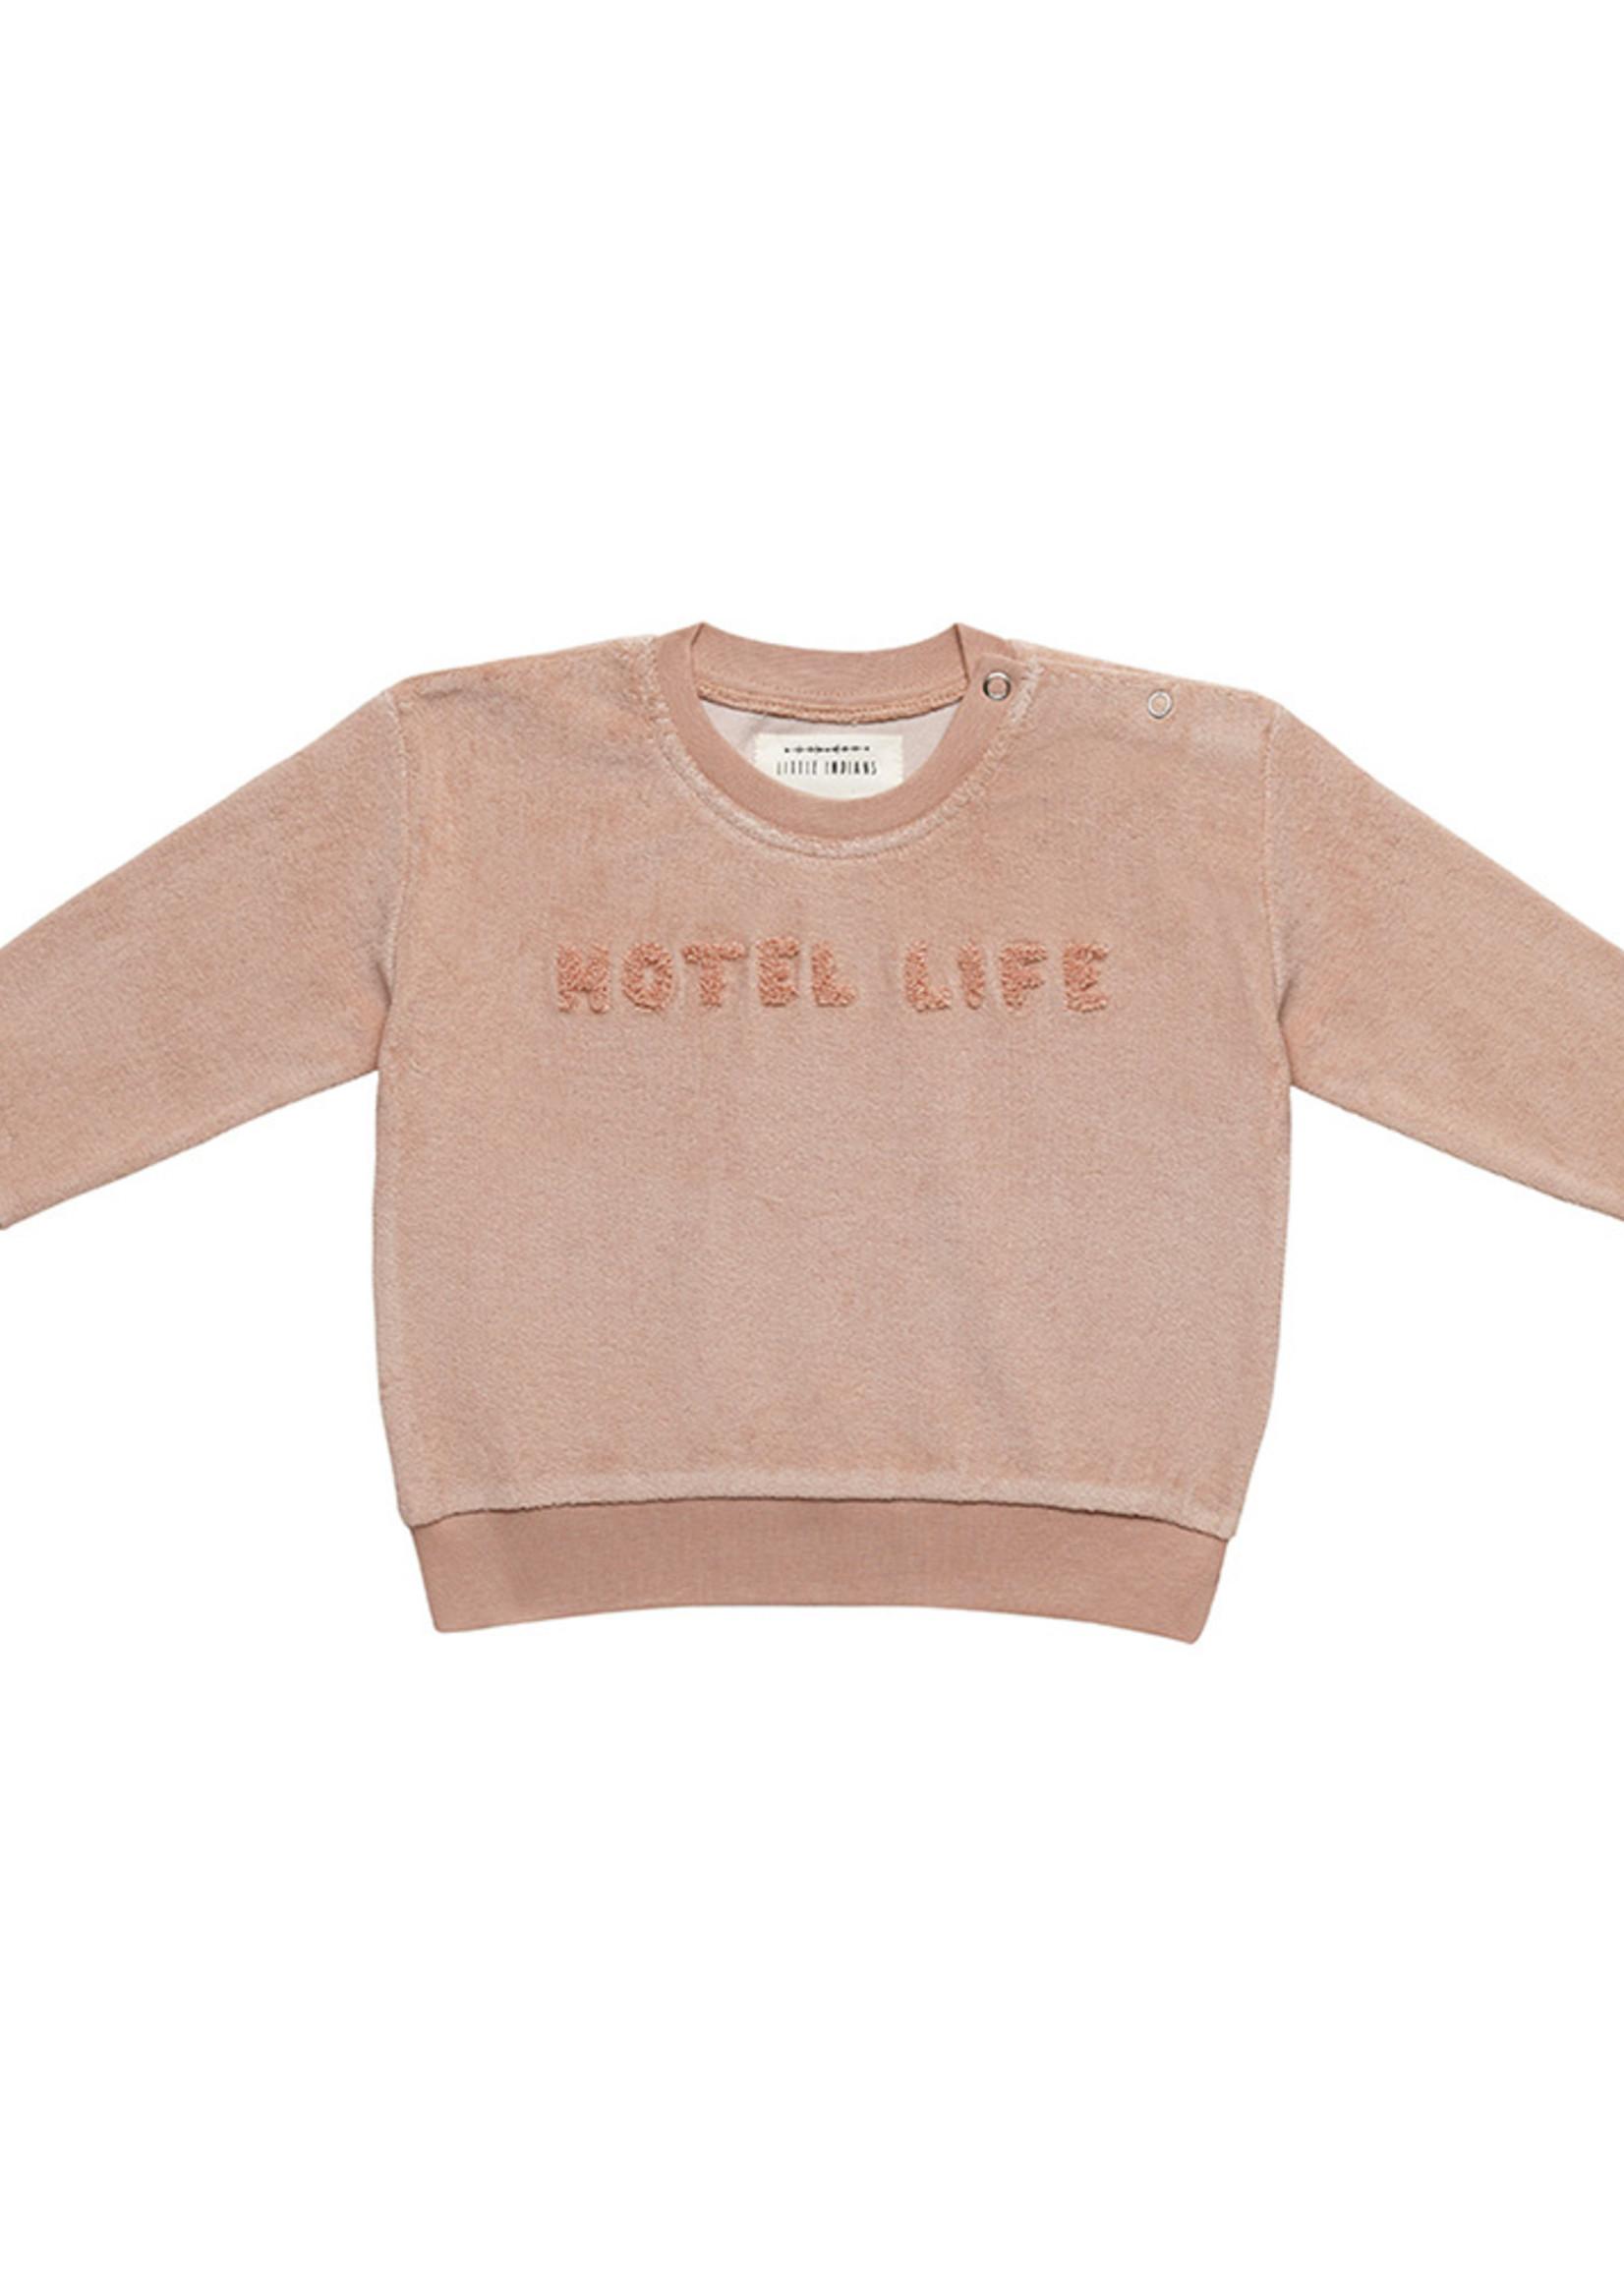 Little Indians LI - Boxy Towel Sweater Hotel LifeTuscany